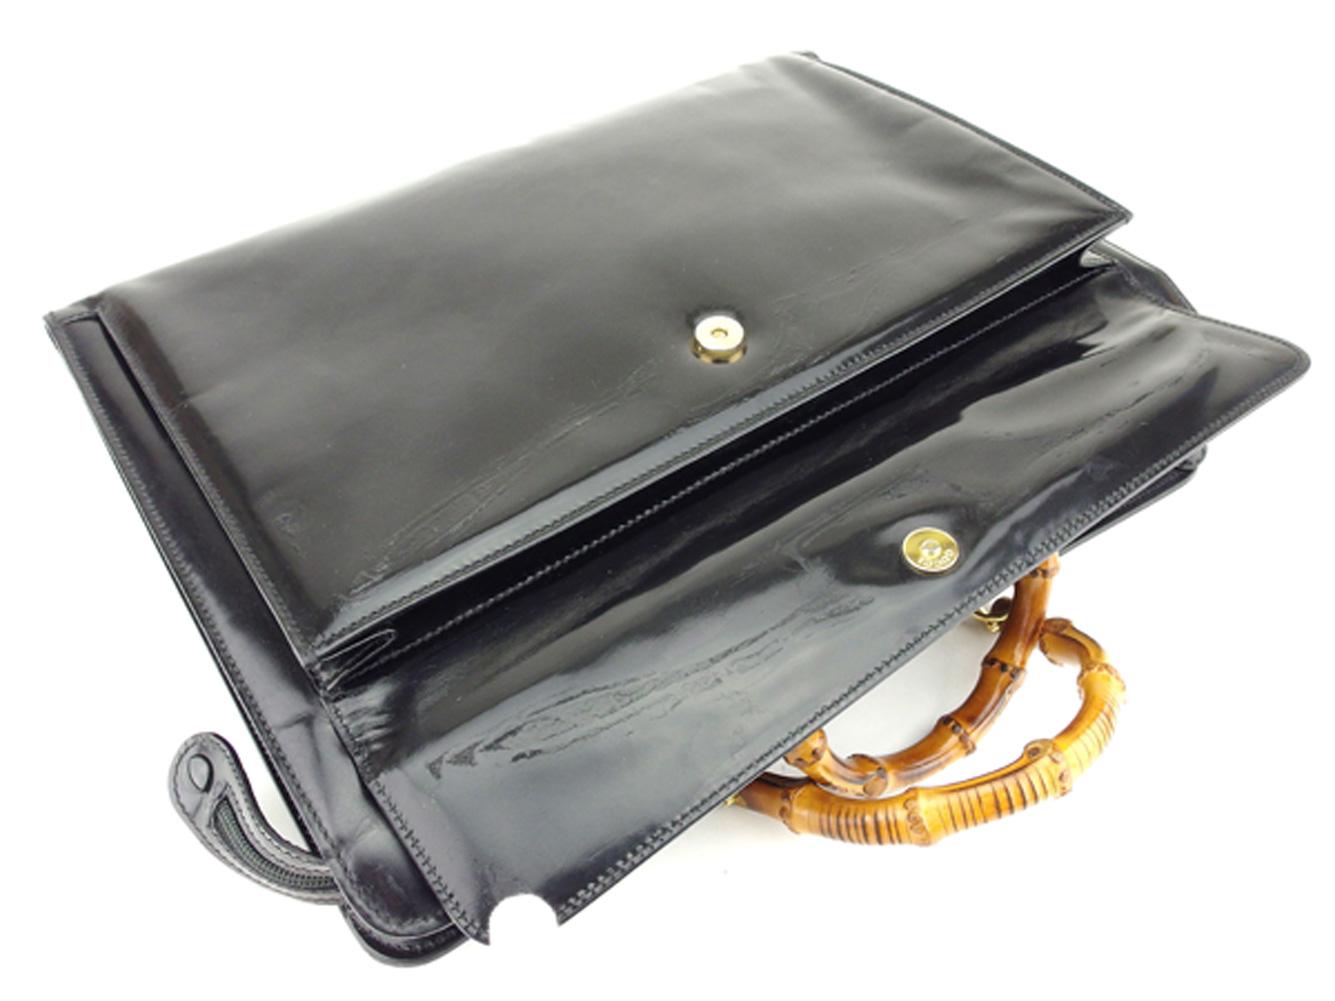 ddd7d655573c ブランド バッグ】 グッチ 財布 レディース GUCCI ビジネスバッグ ...